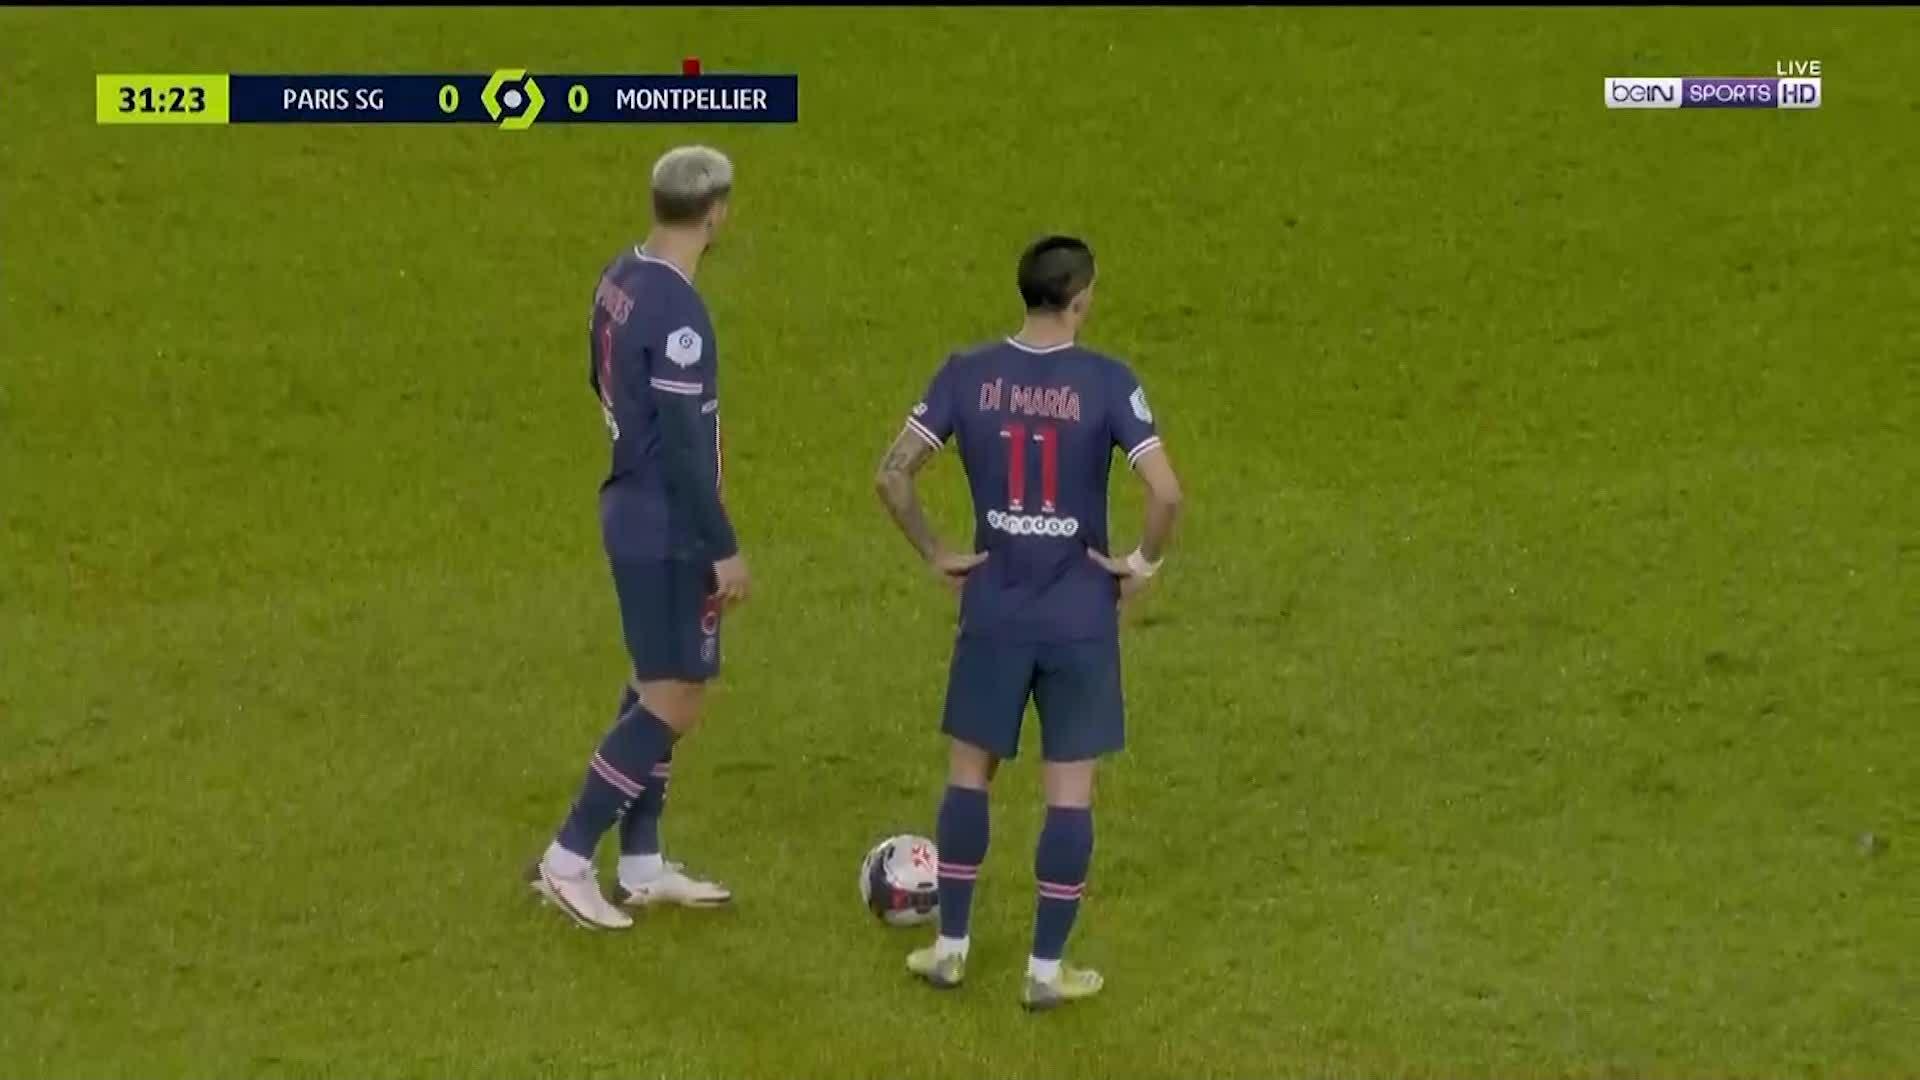 PSG 4-0 Montpellier